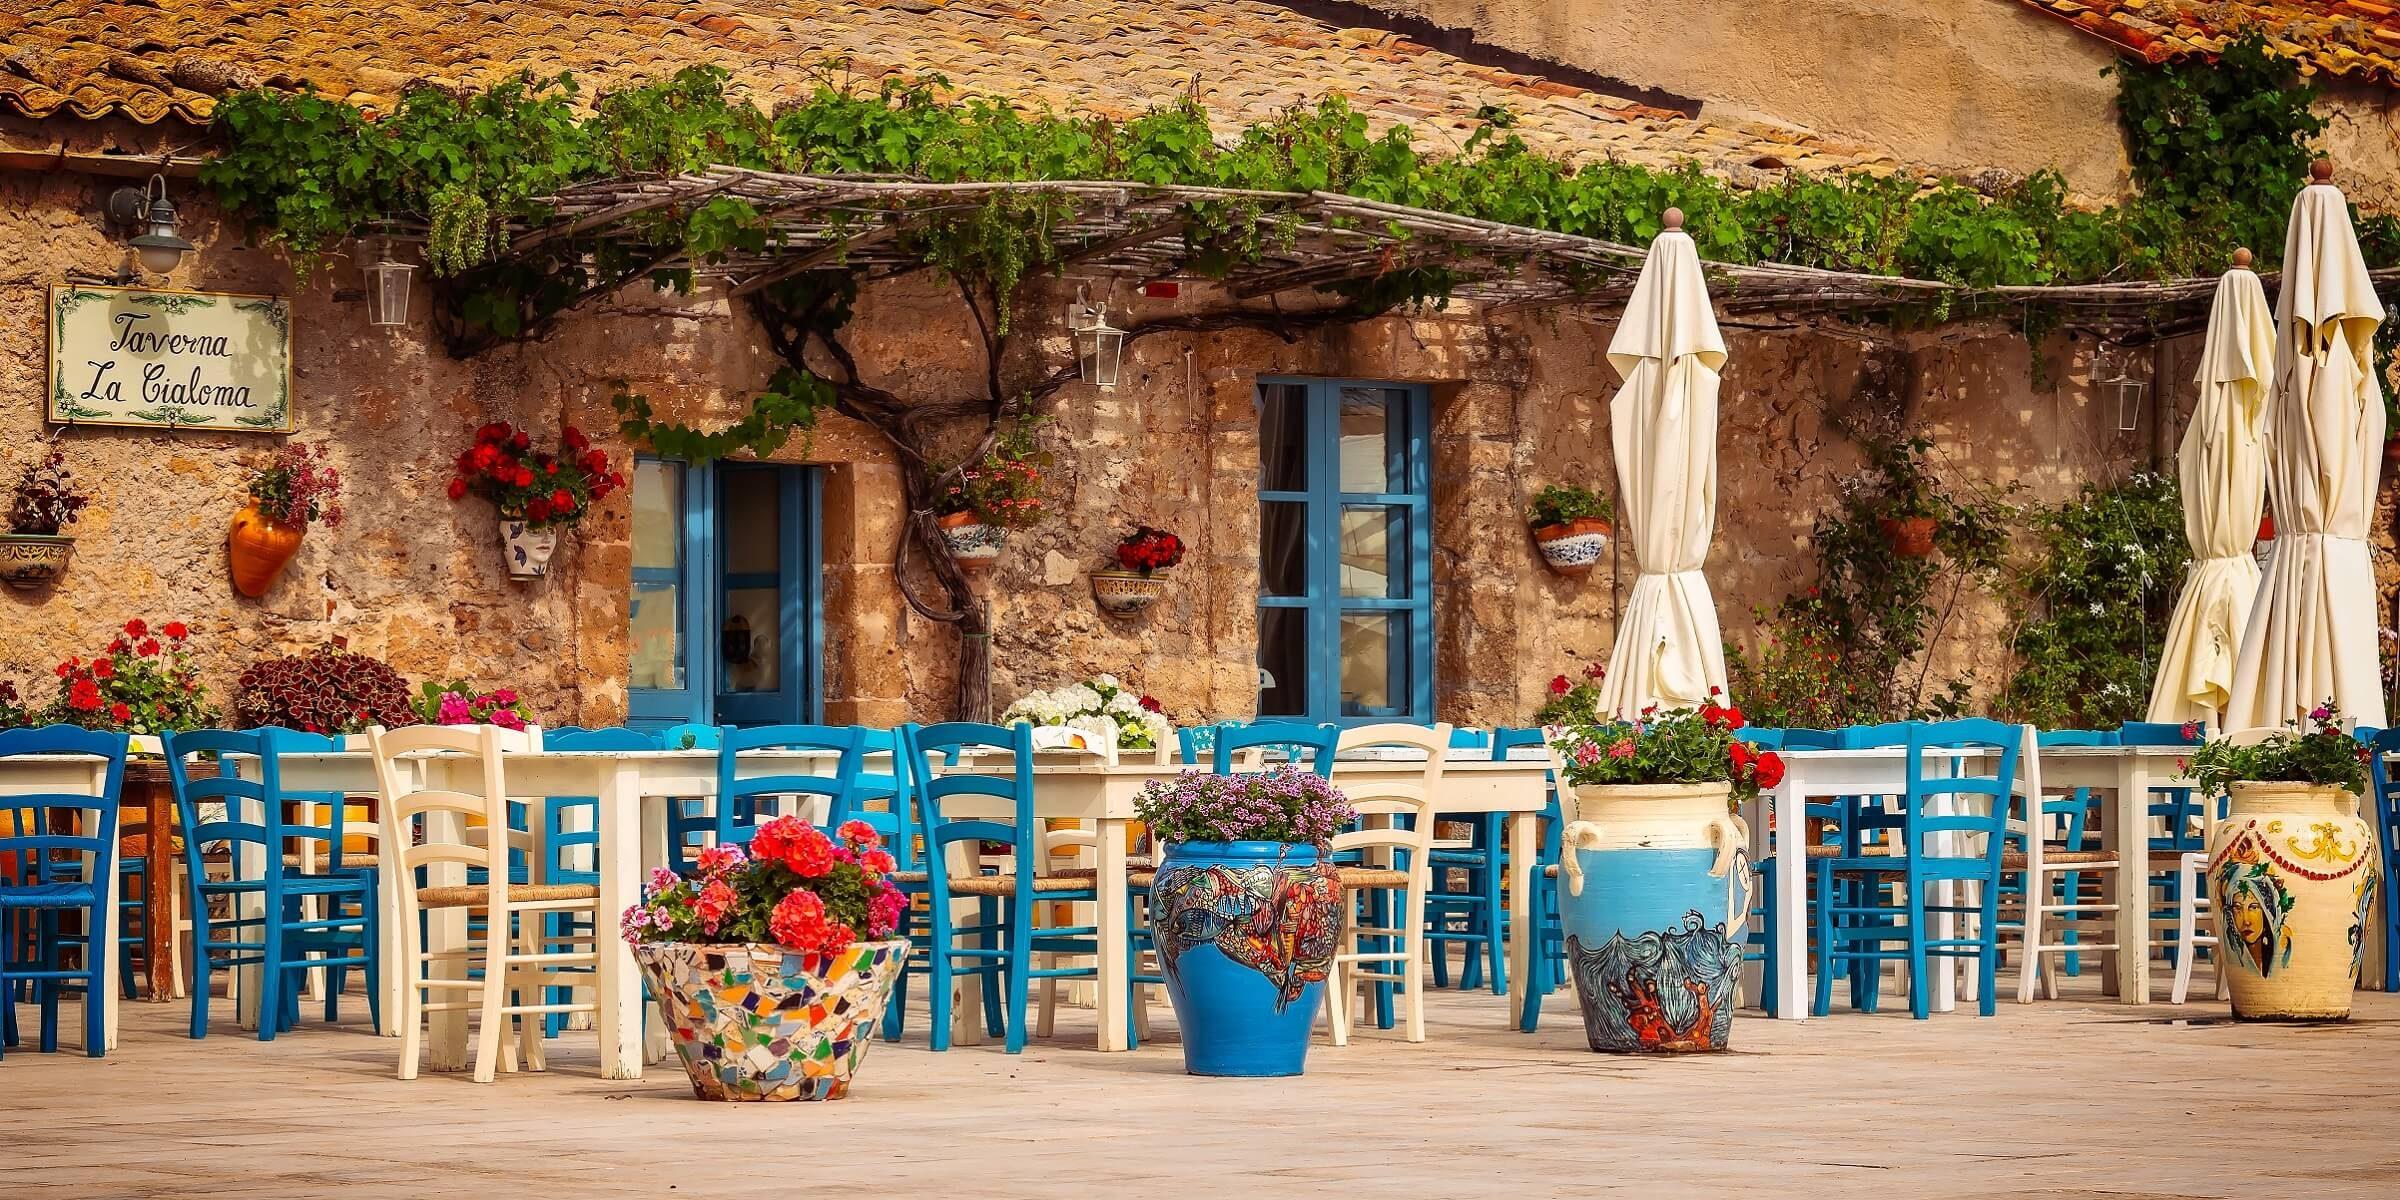 Genießen Sie auf Ihrer Singlereise zyprische Spezialitäten in einer Taverne